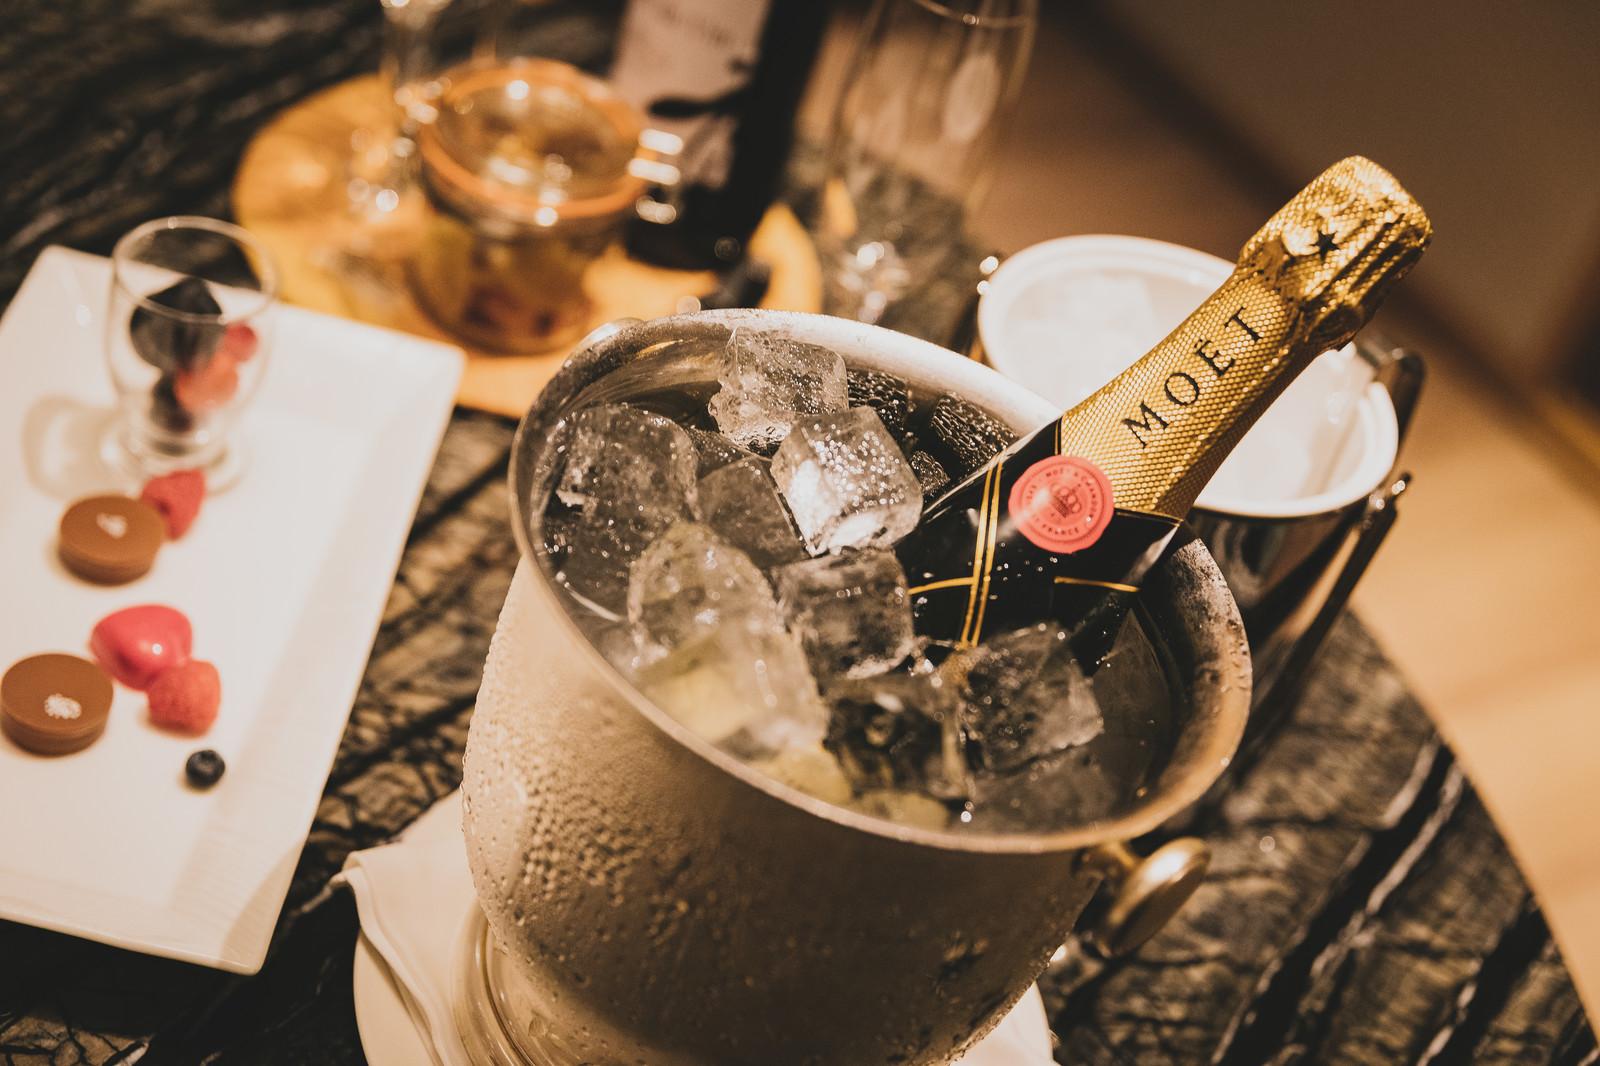 シャンパンとスパークリングワインの違いってなに?【ワイン入門編】